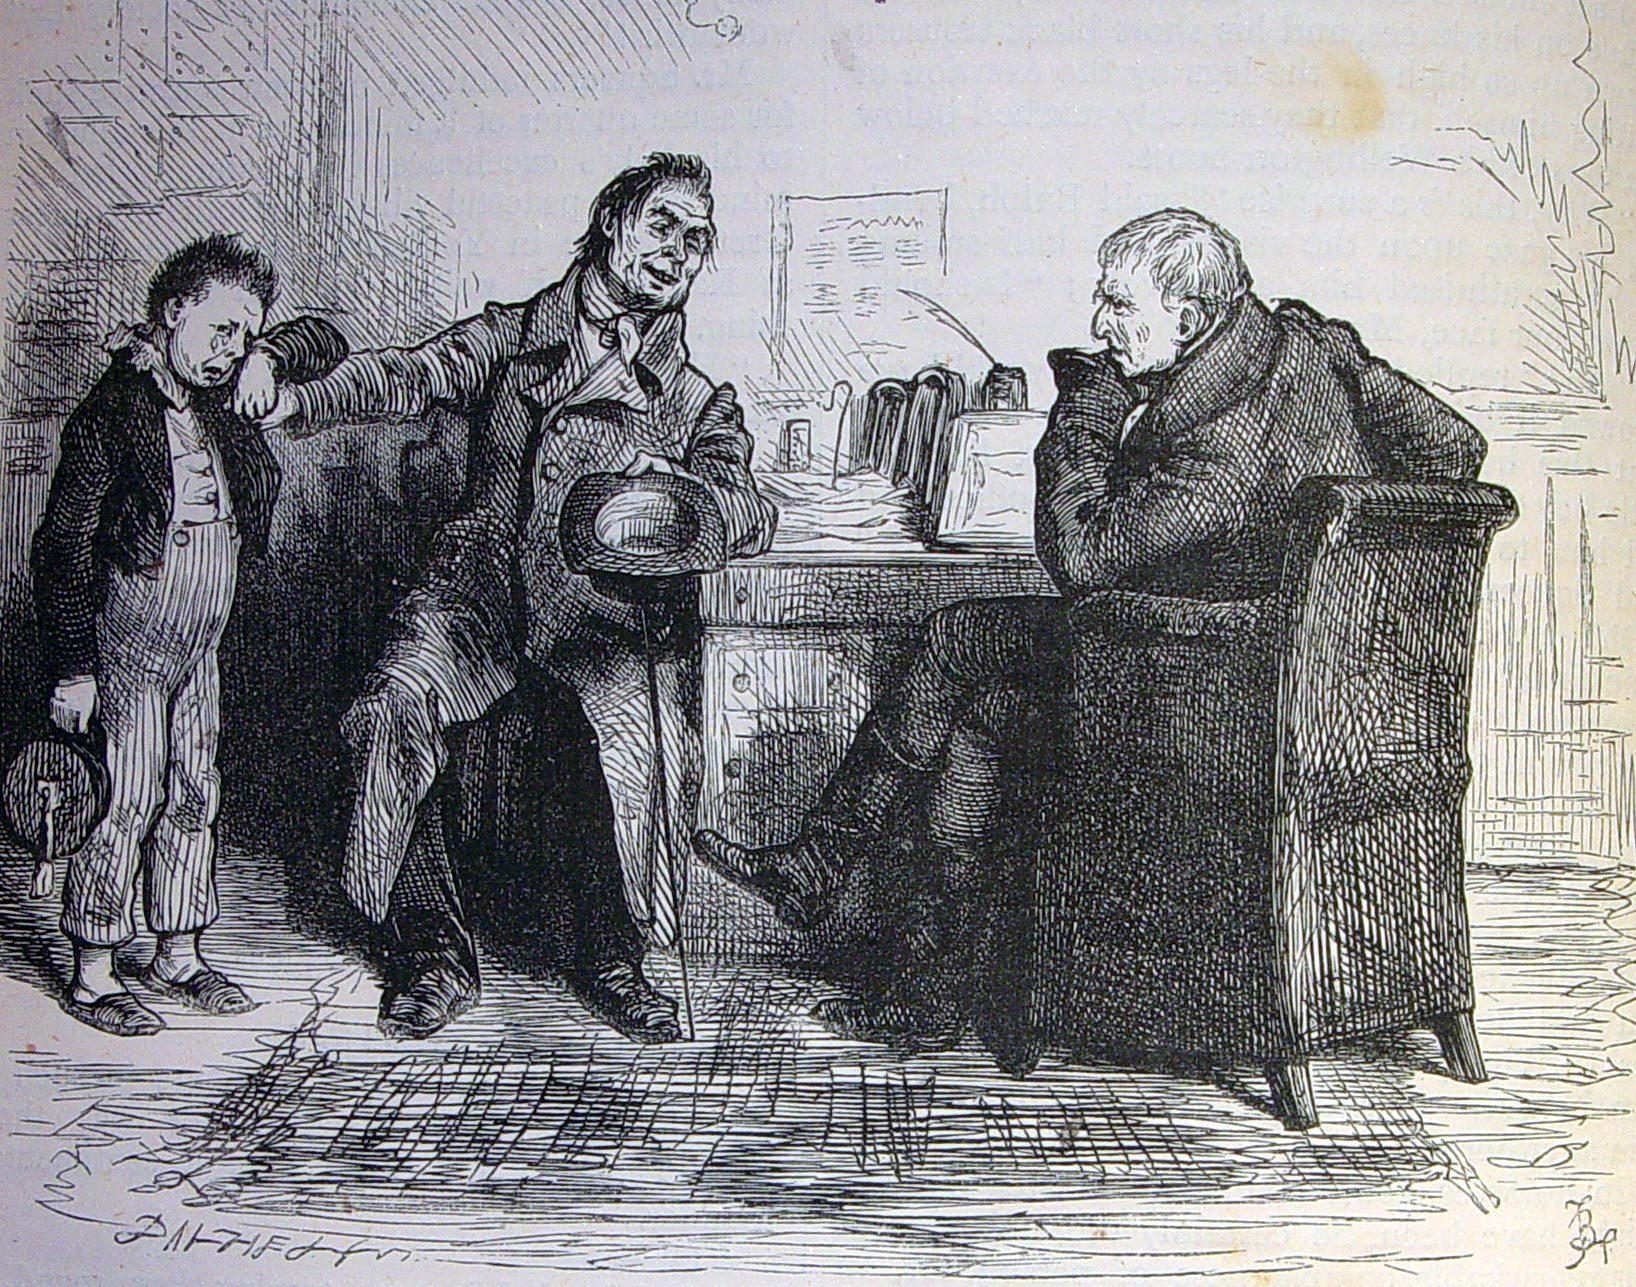 Dickens Squeers Nicholas Nickleby